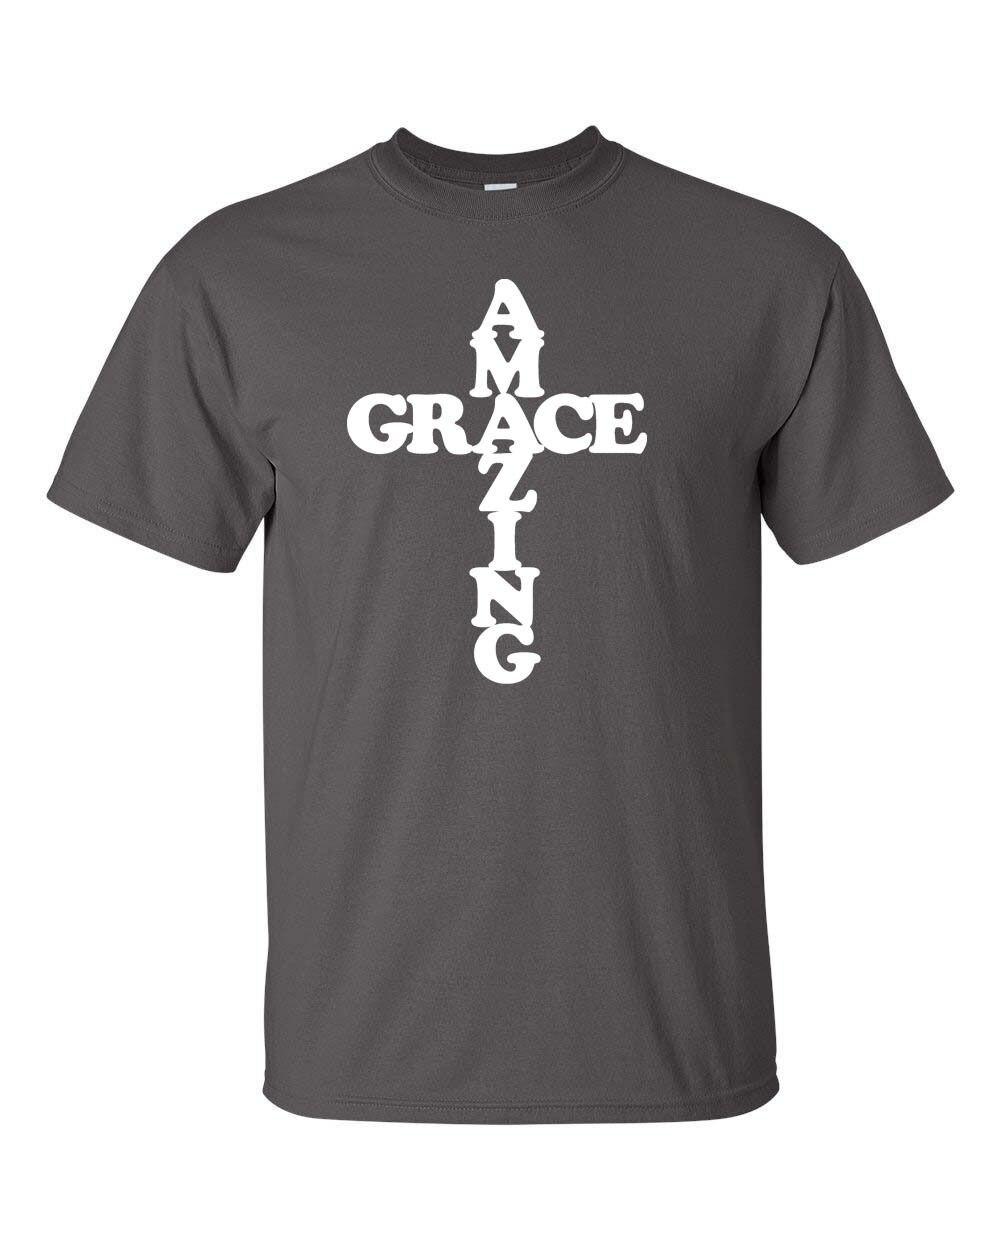 2018 mode Baumwolle T-shirt Erstaunliche Gnade in Kreuz Christian Jesus  Gott Kreuz Inspirational Männer